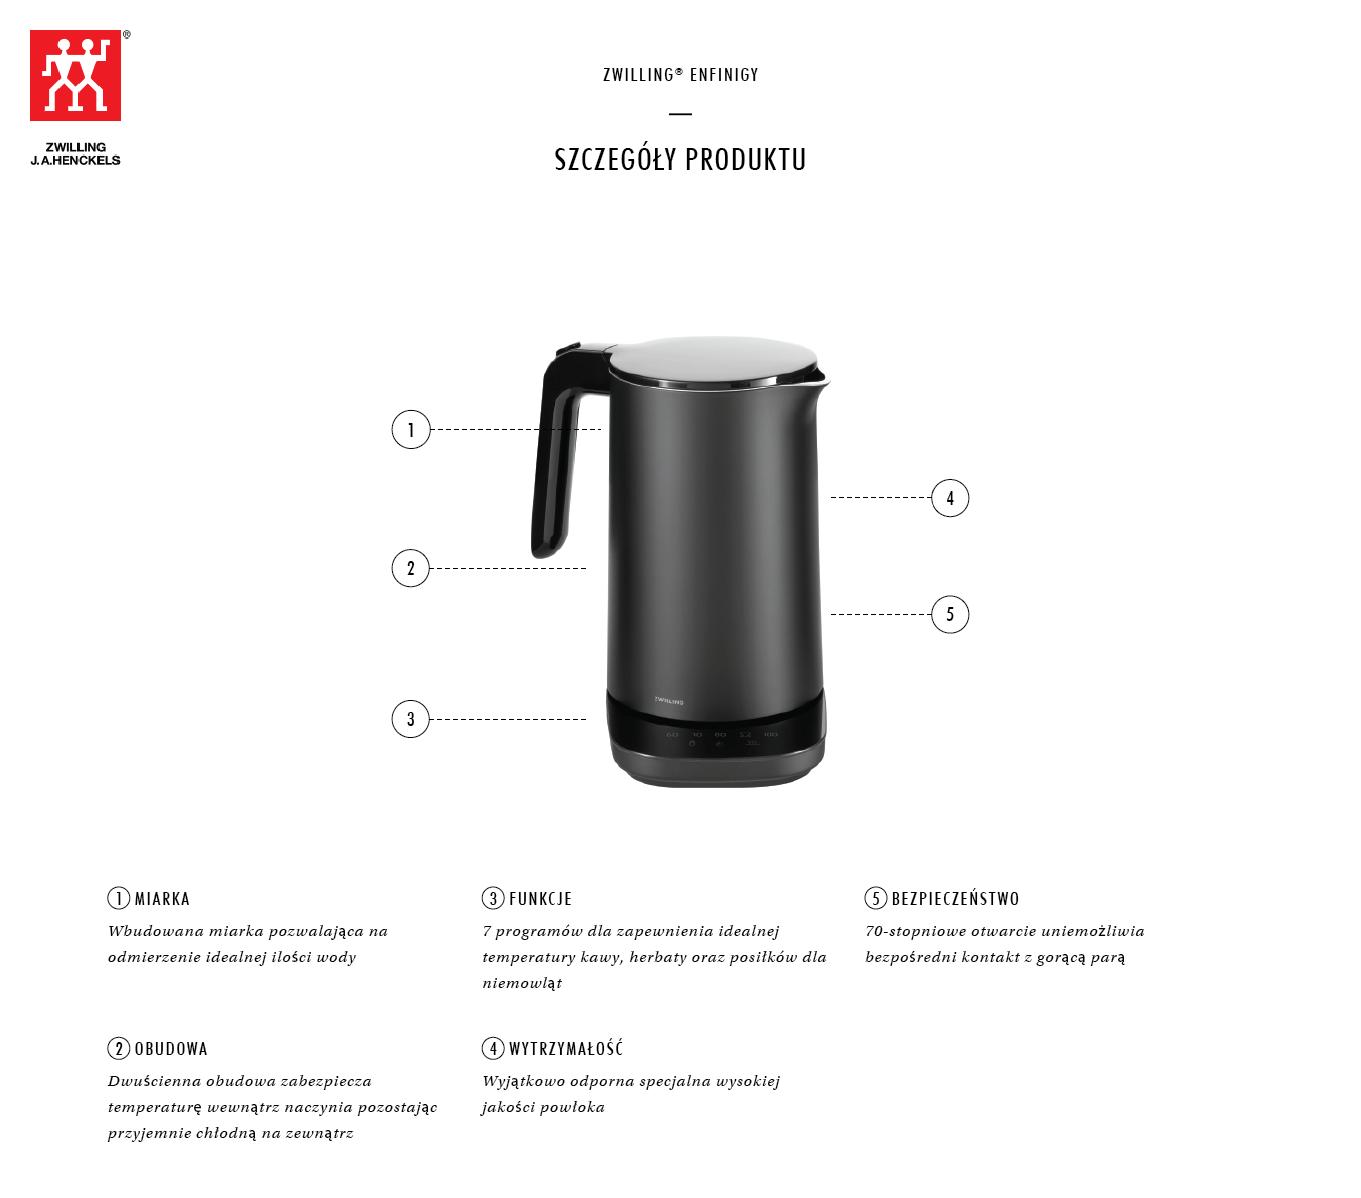 Dlaczego warto kupić czajnik elektryczny Pro Zwilling Enfinigy?